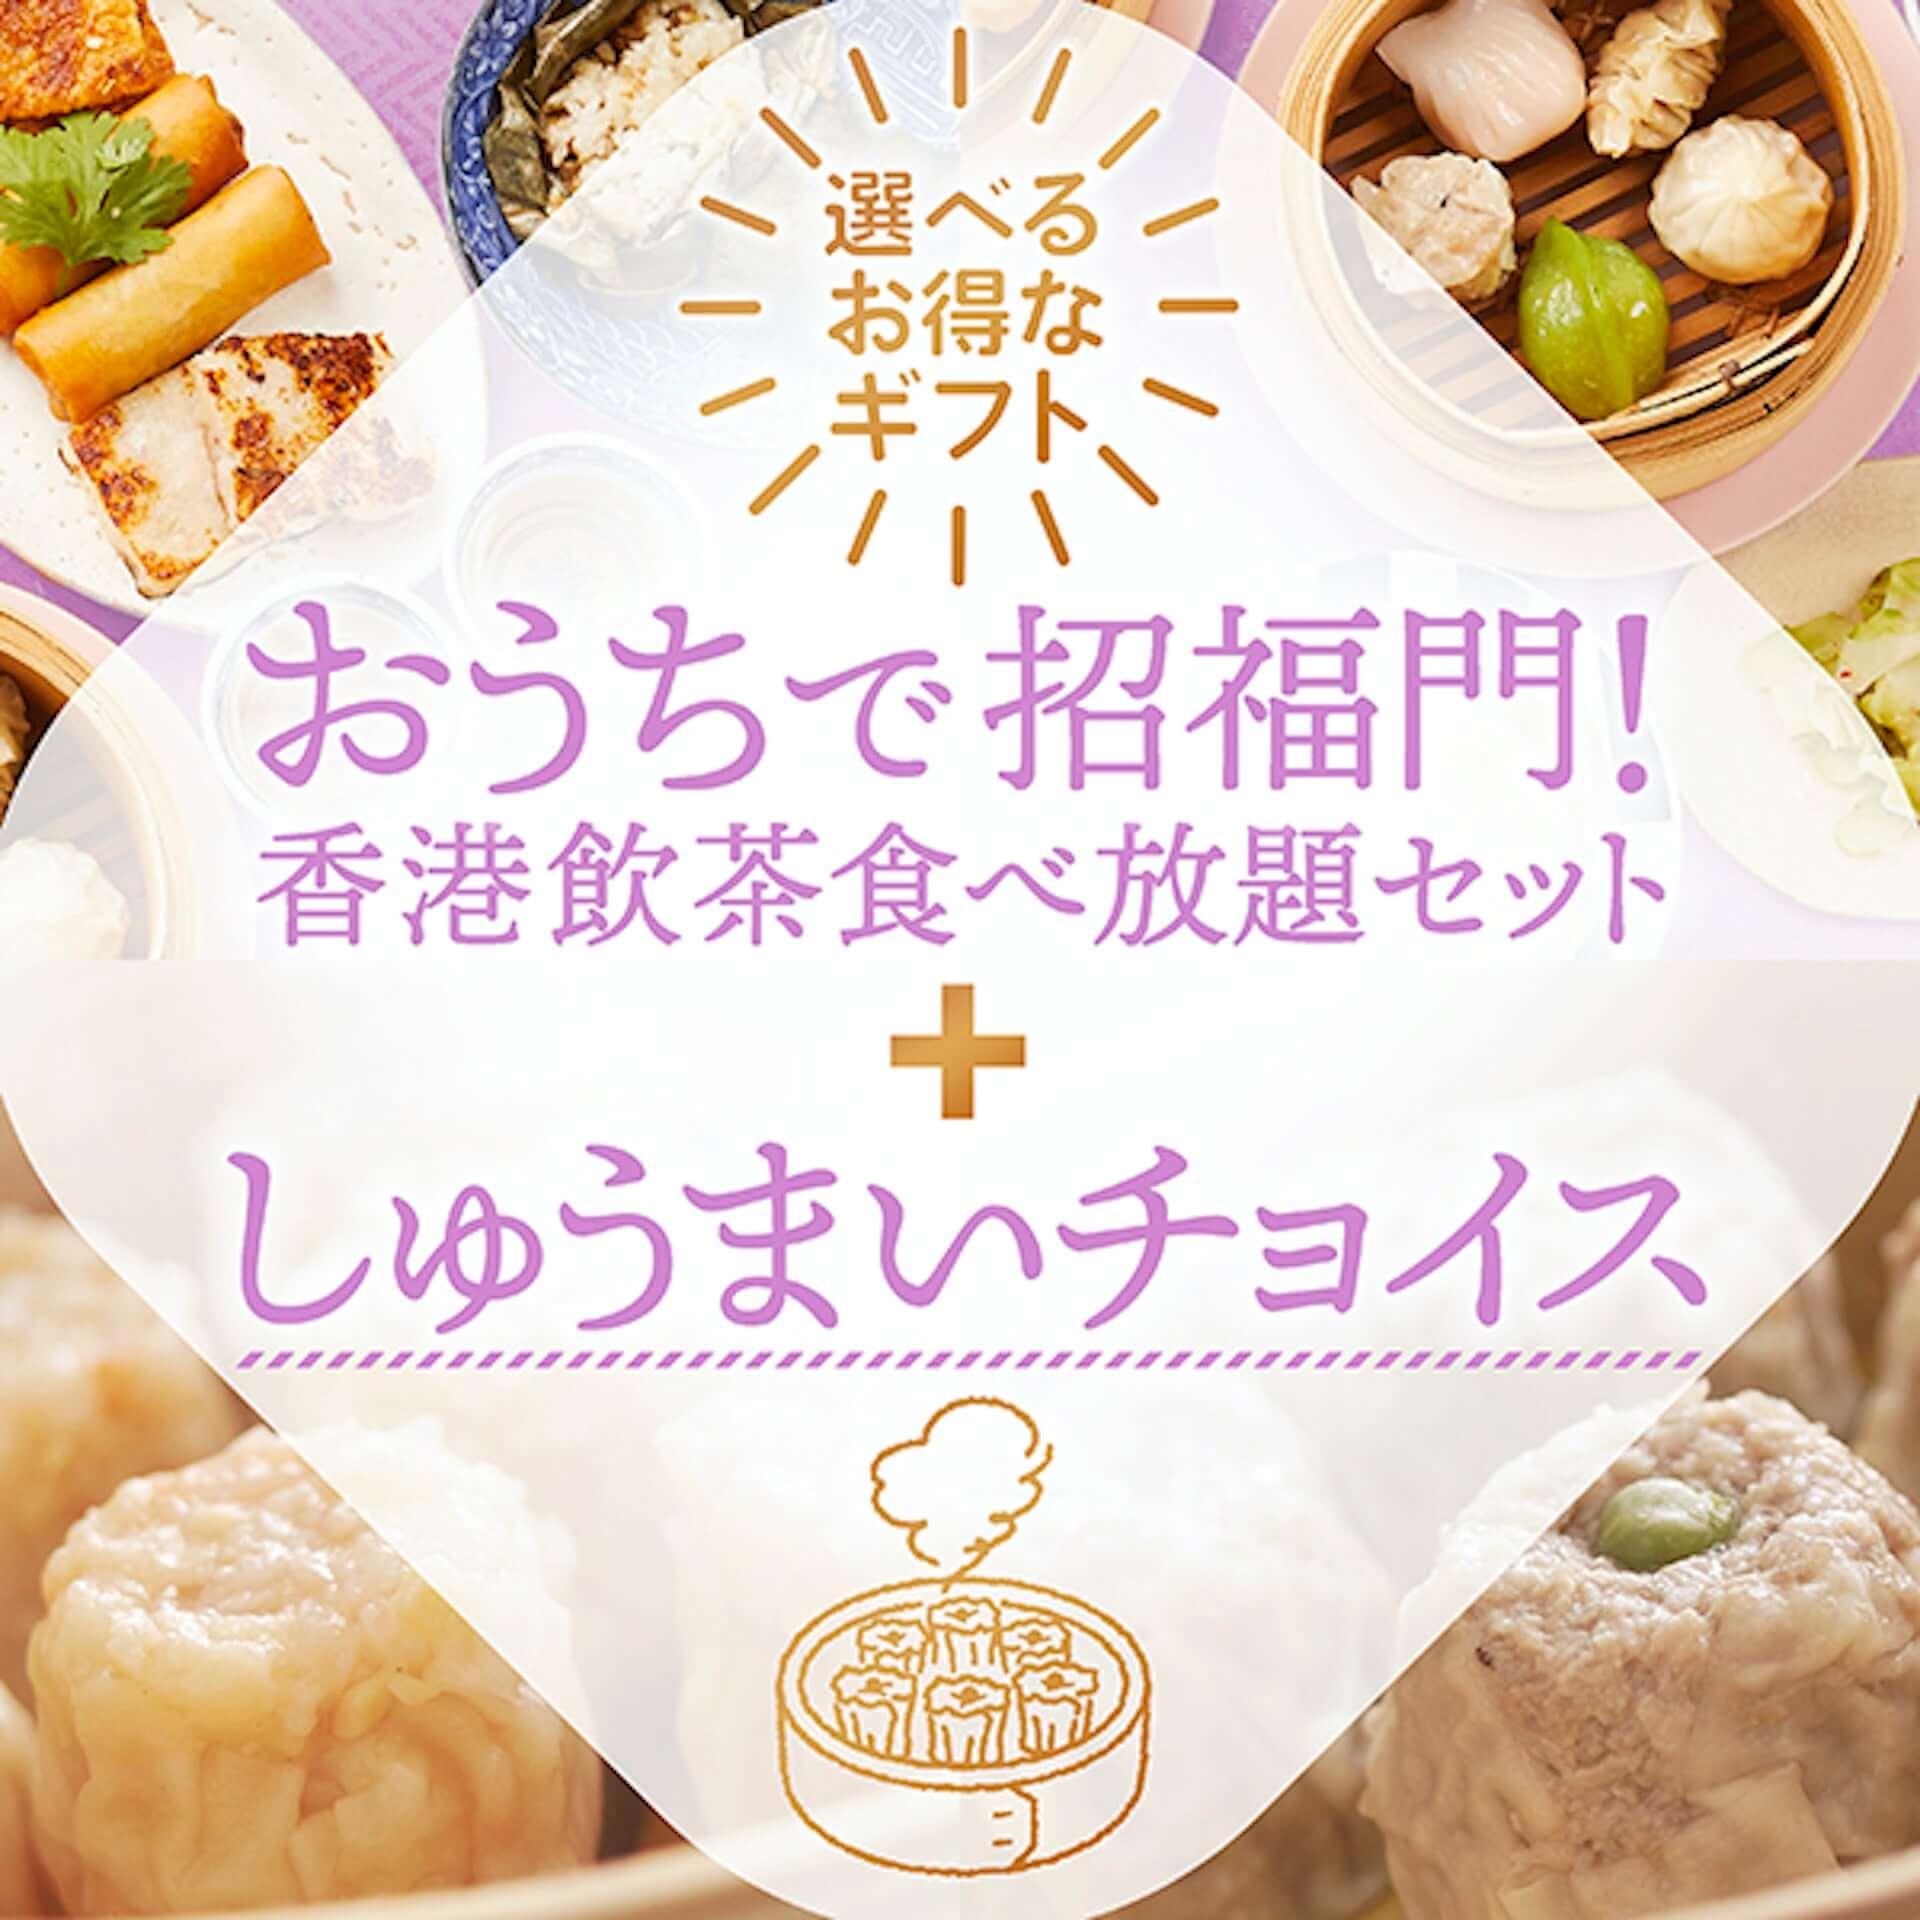 招福門の『香港飲茶食べ放題』をおうちでも!しゅうまい、まんじゅうを追加で選べるギフトセットがオンラインで発売 gourmet200925_shofukumon_2-1920x1920